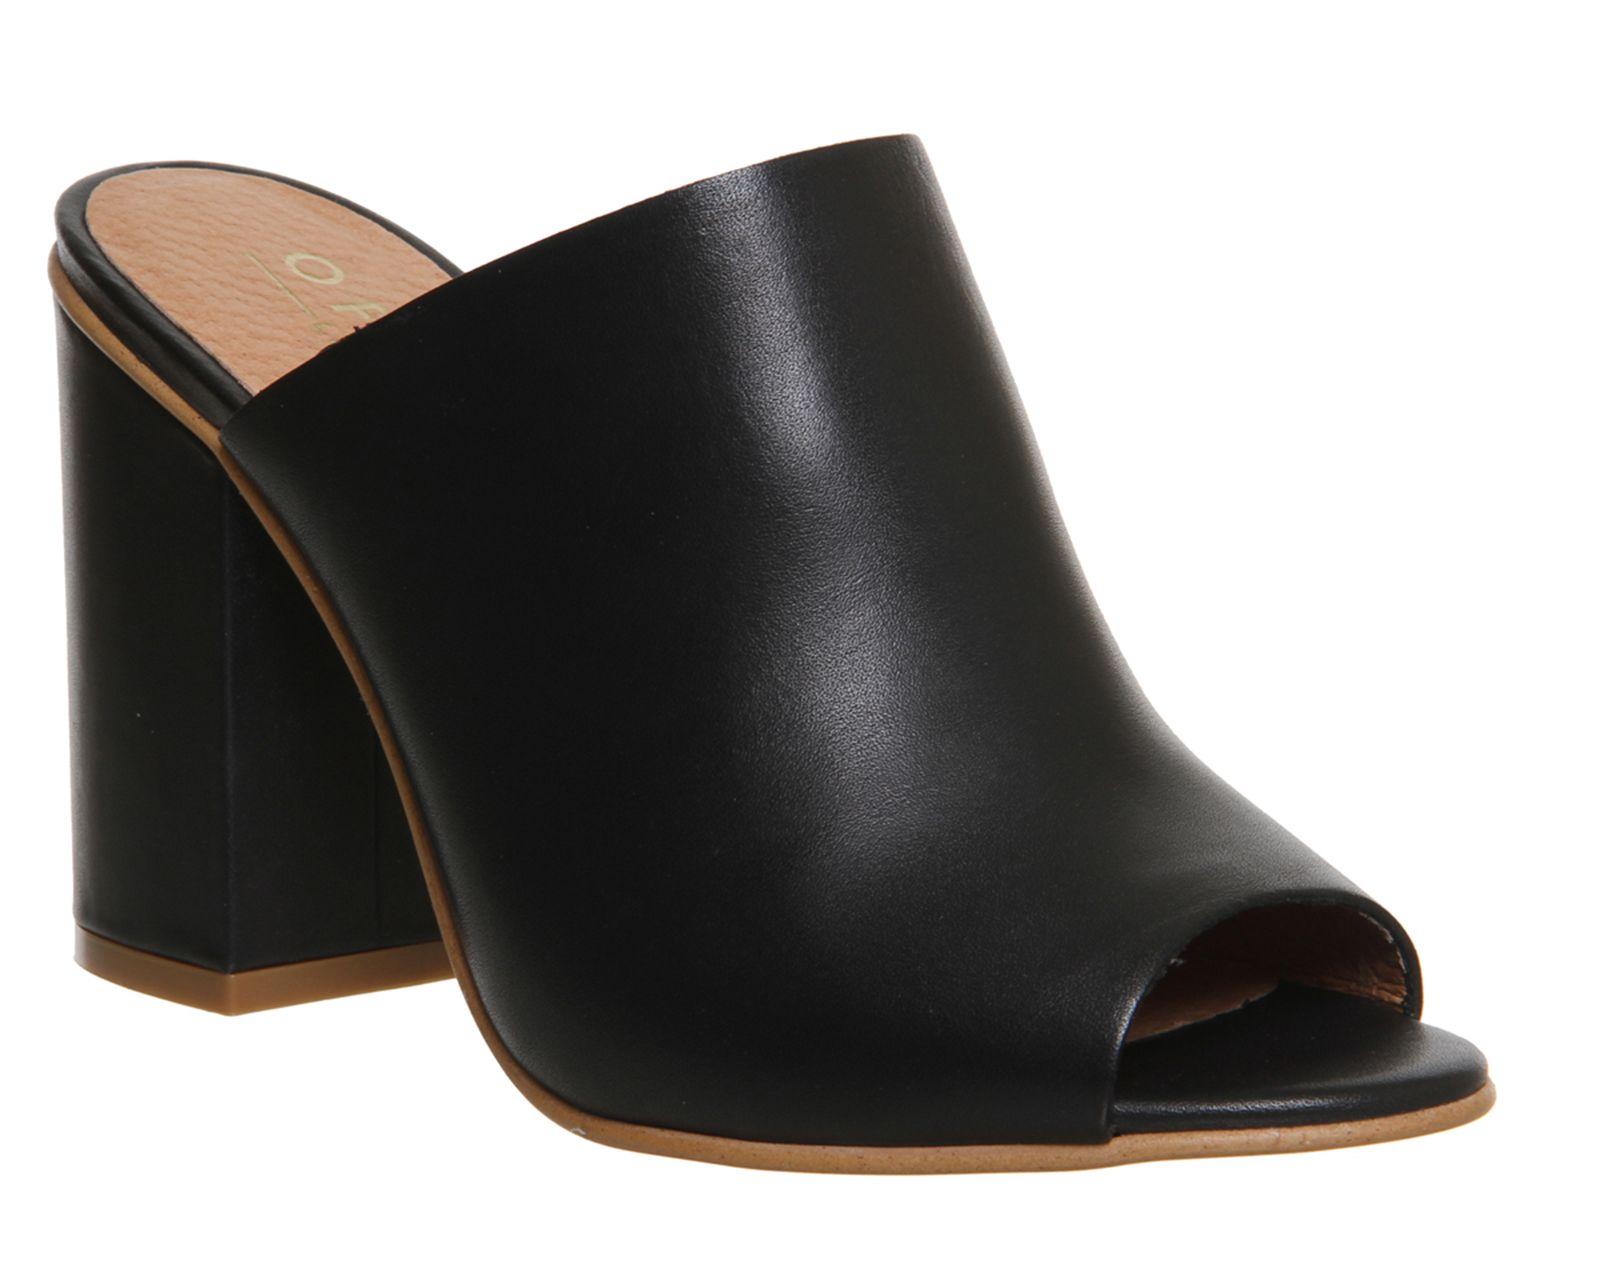 Office Pose Block Heel Mule Black Leather - High Heels